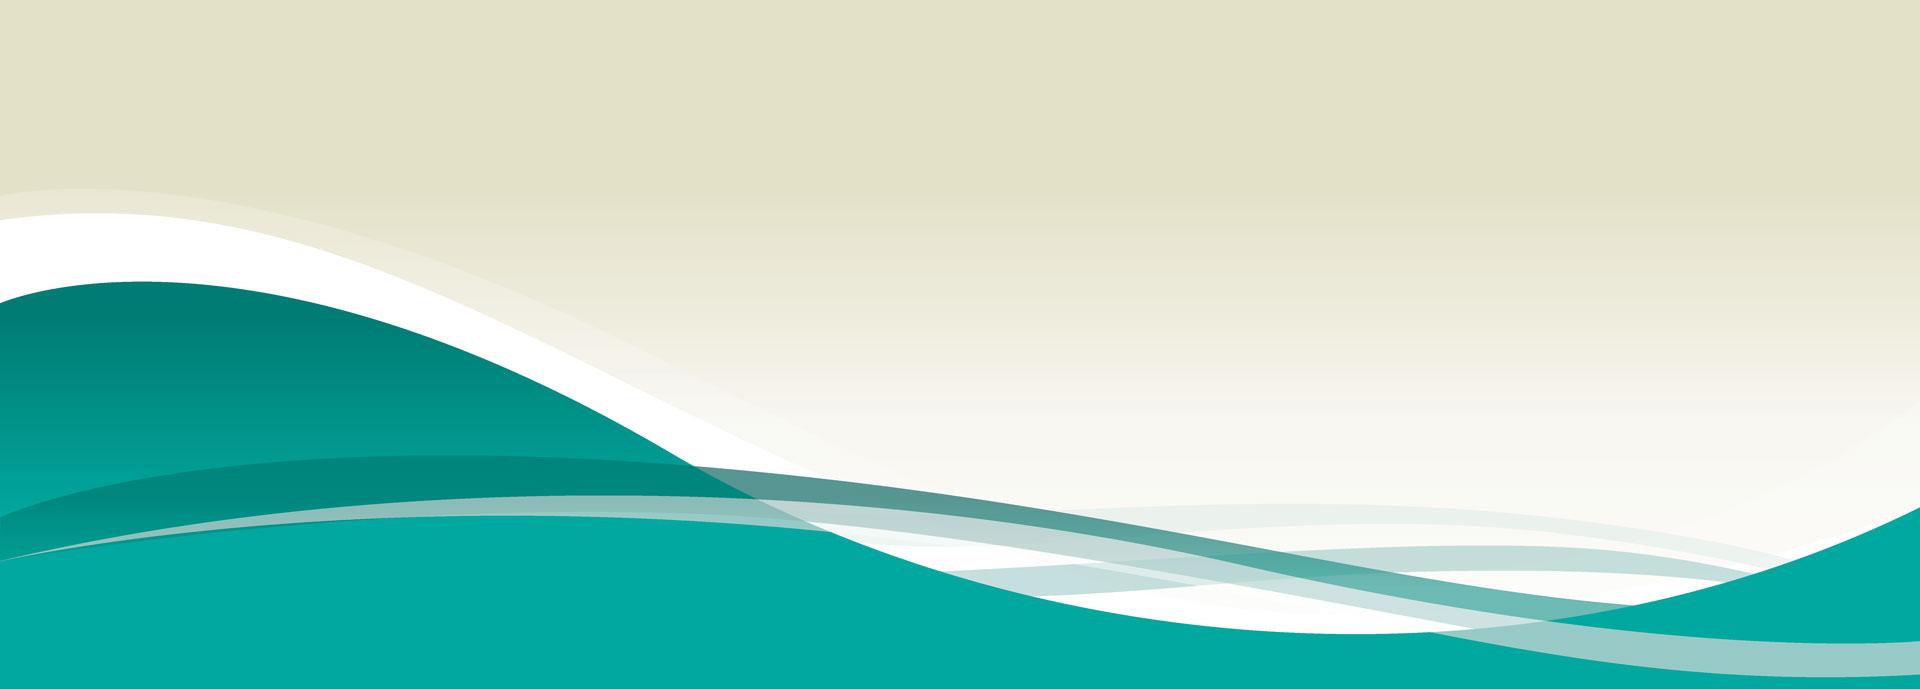 Slide-1-Background